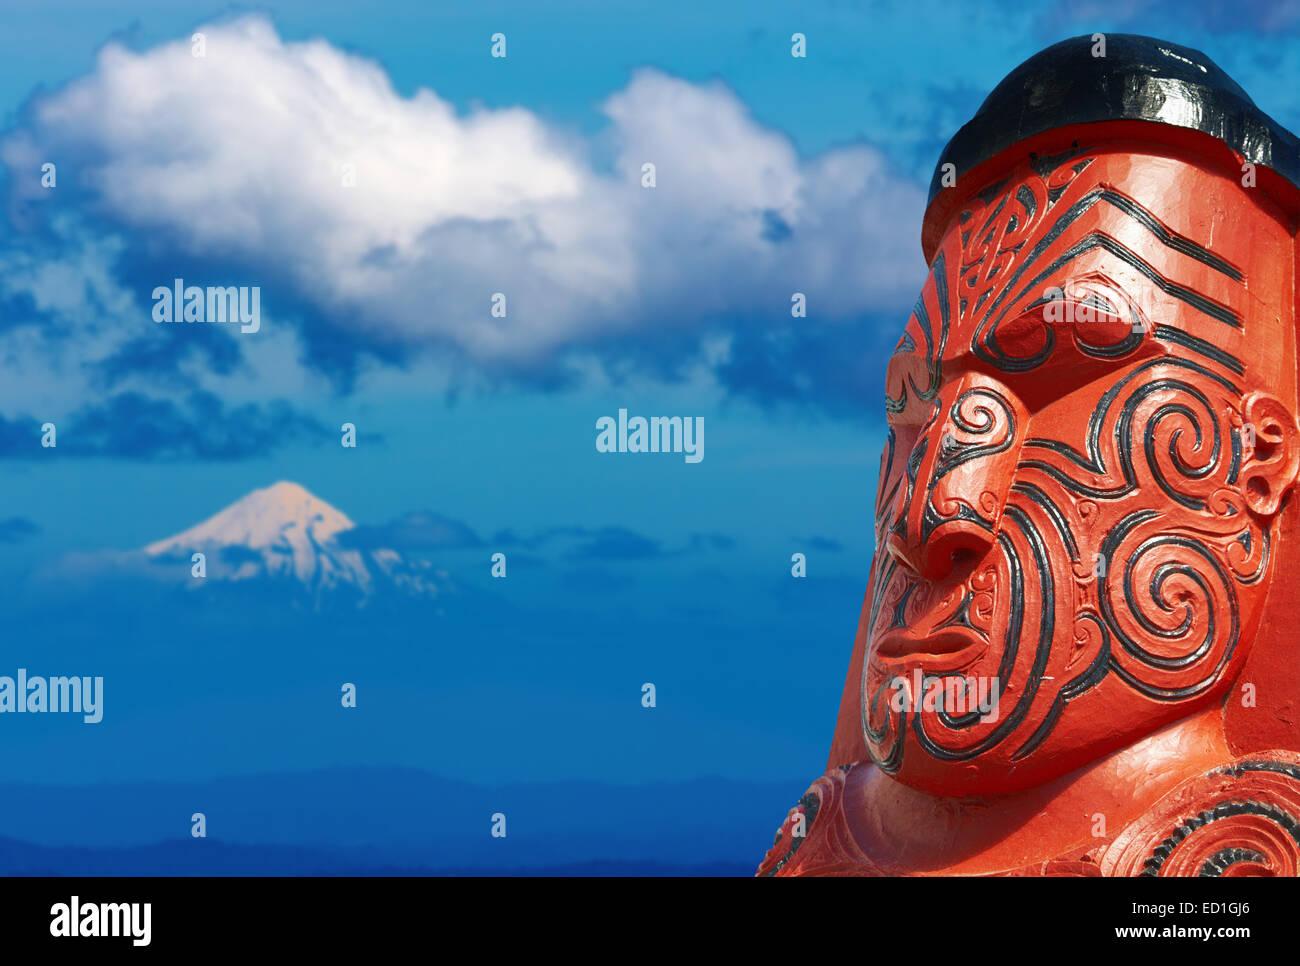 El tallado y el tradicional maorí de Nueva Zelandia, Montaje de Taranaki Imagen De Stock